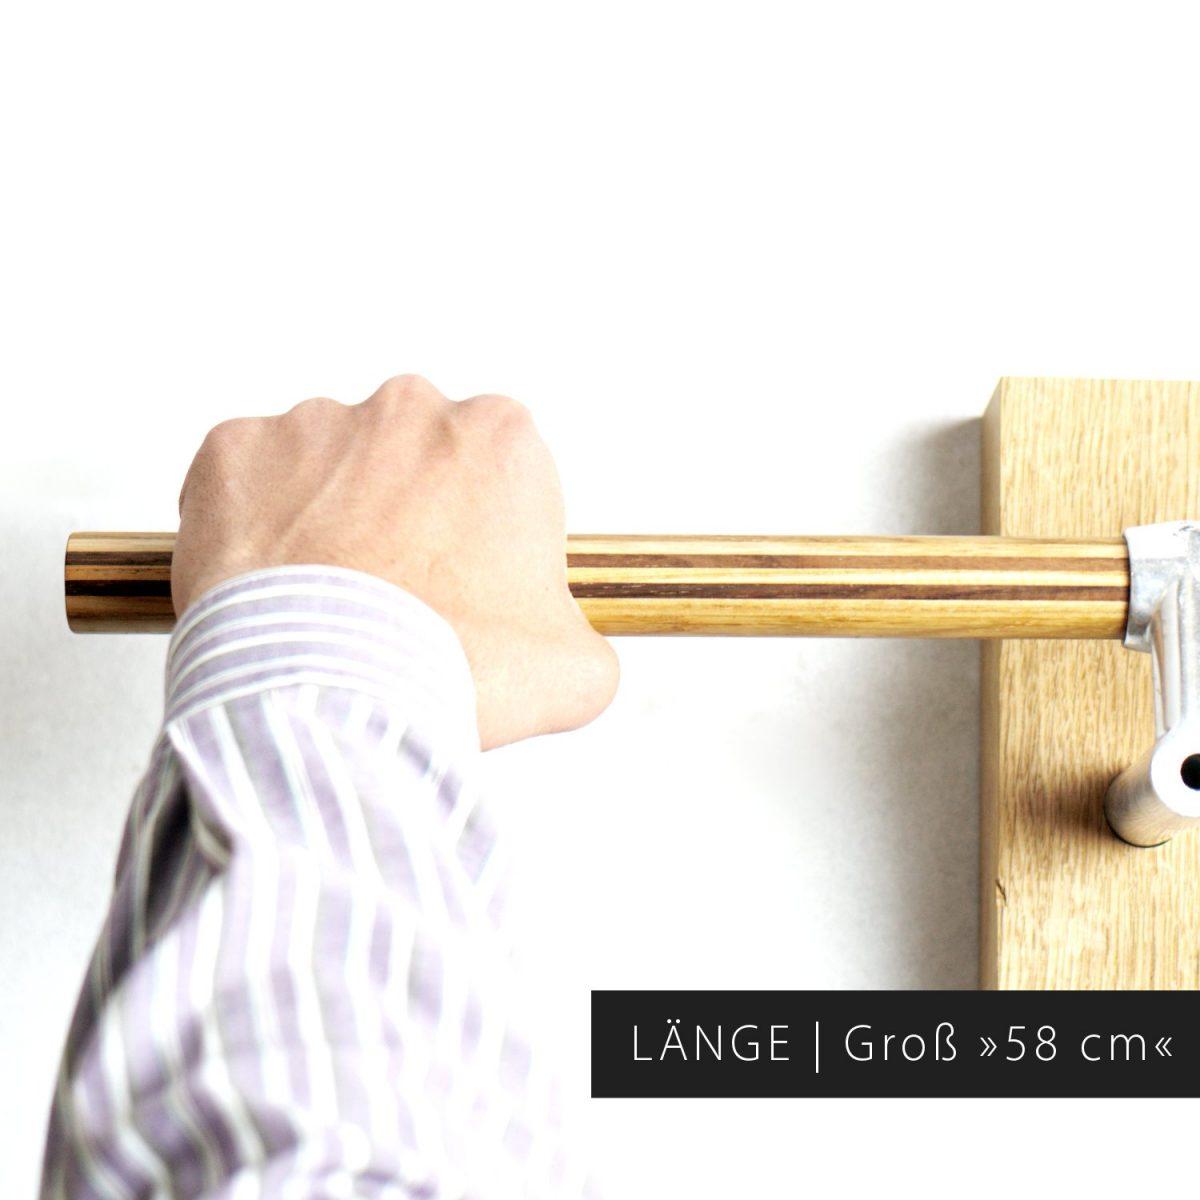 Holzlenker »Konstantin« in größe »Groß 58cm« für dein Fahrrad   Von Art-WooD